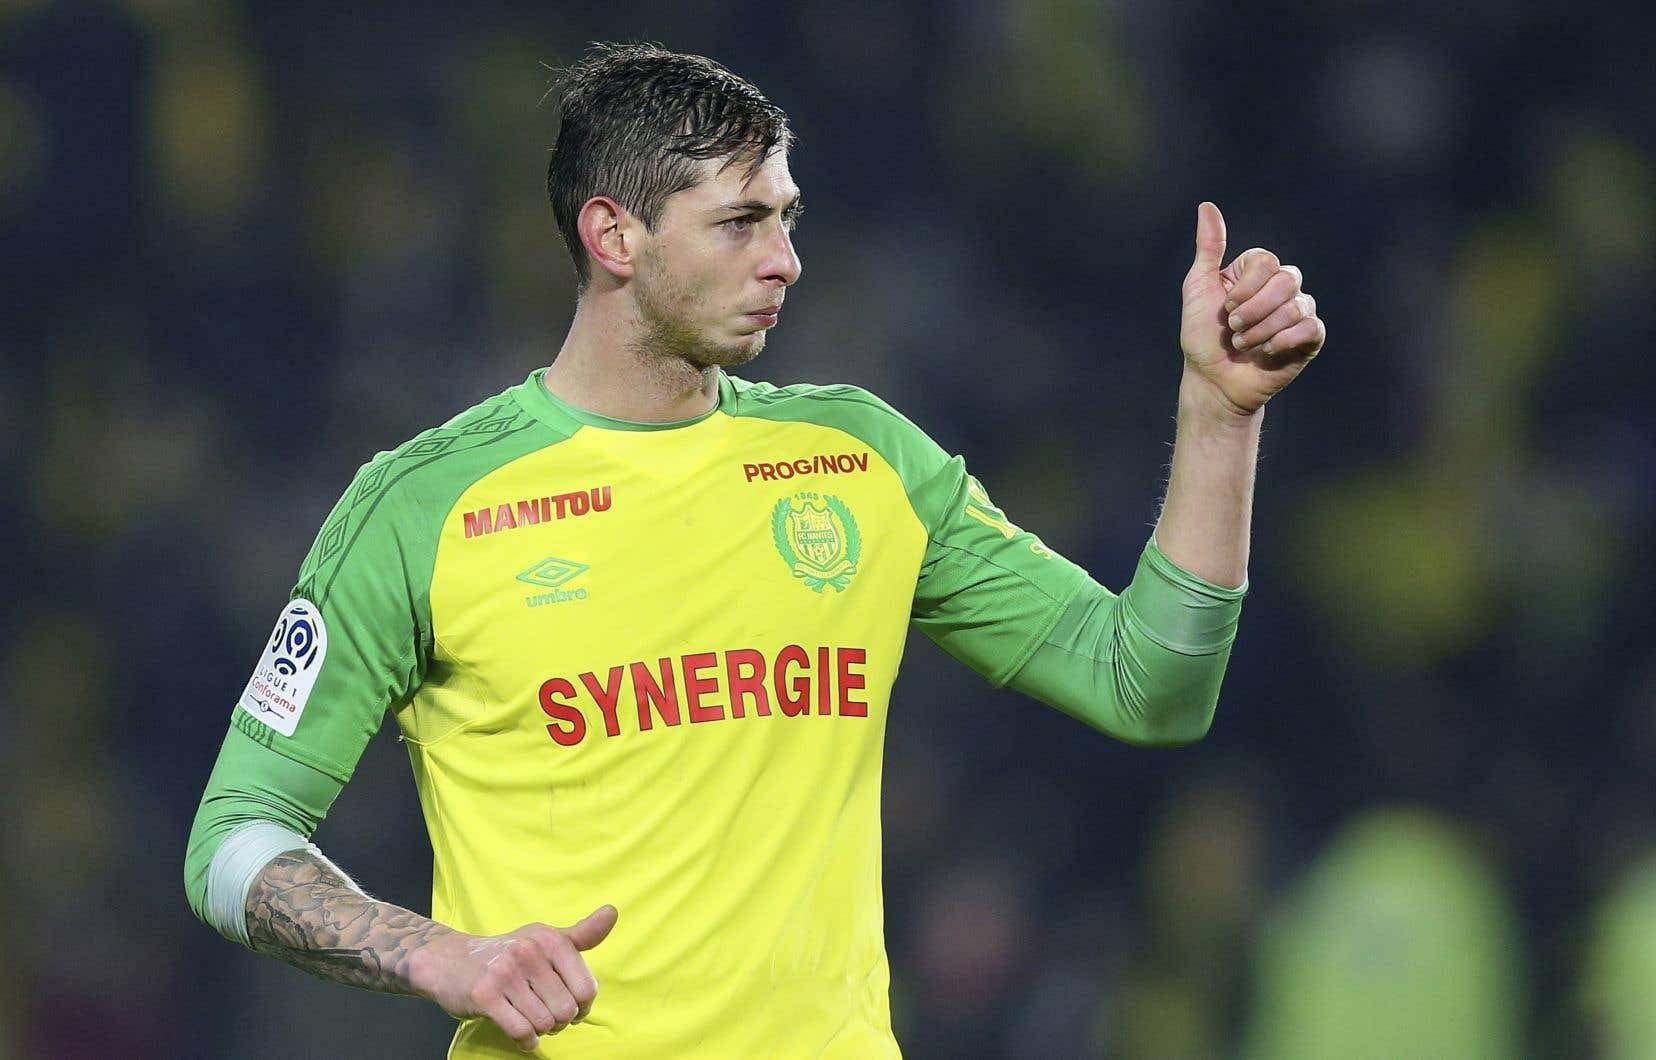 <p>Âgé de 28ans, Sala avait passé les heures précédentes à faire ses adieux aux joueurs de l'équipe de soccer de Nantes après que la formation de Cardiff lui eut consenti le plus imposant contrat de son histoire la semaine dernière.</p>